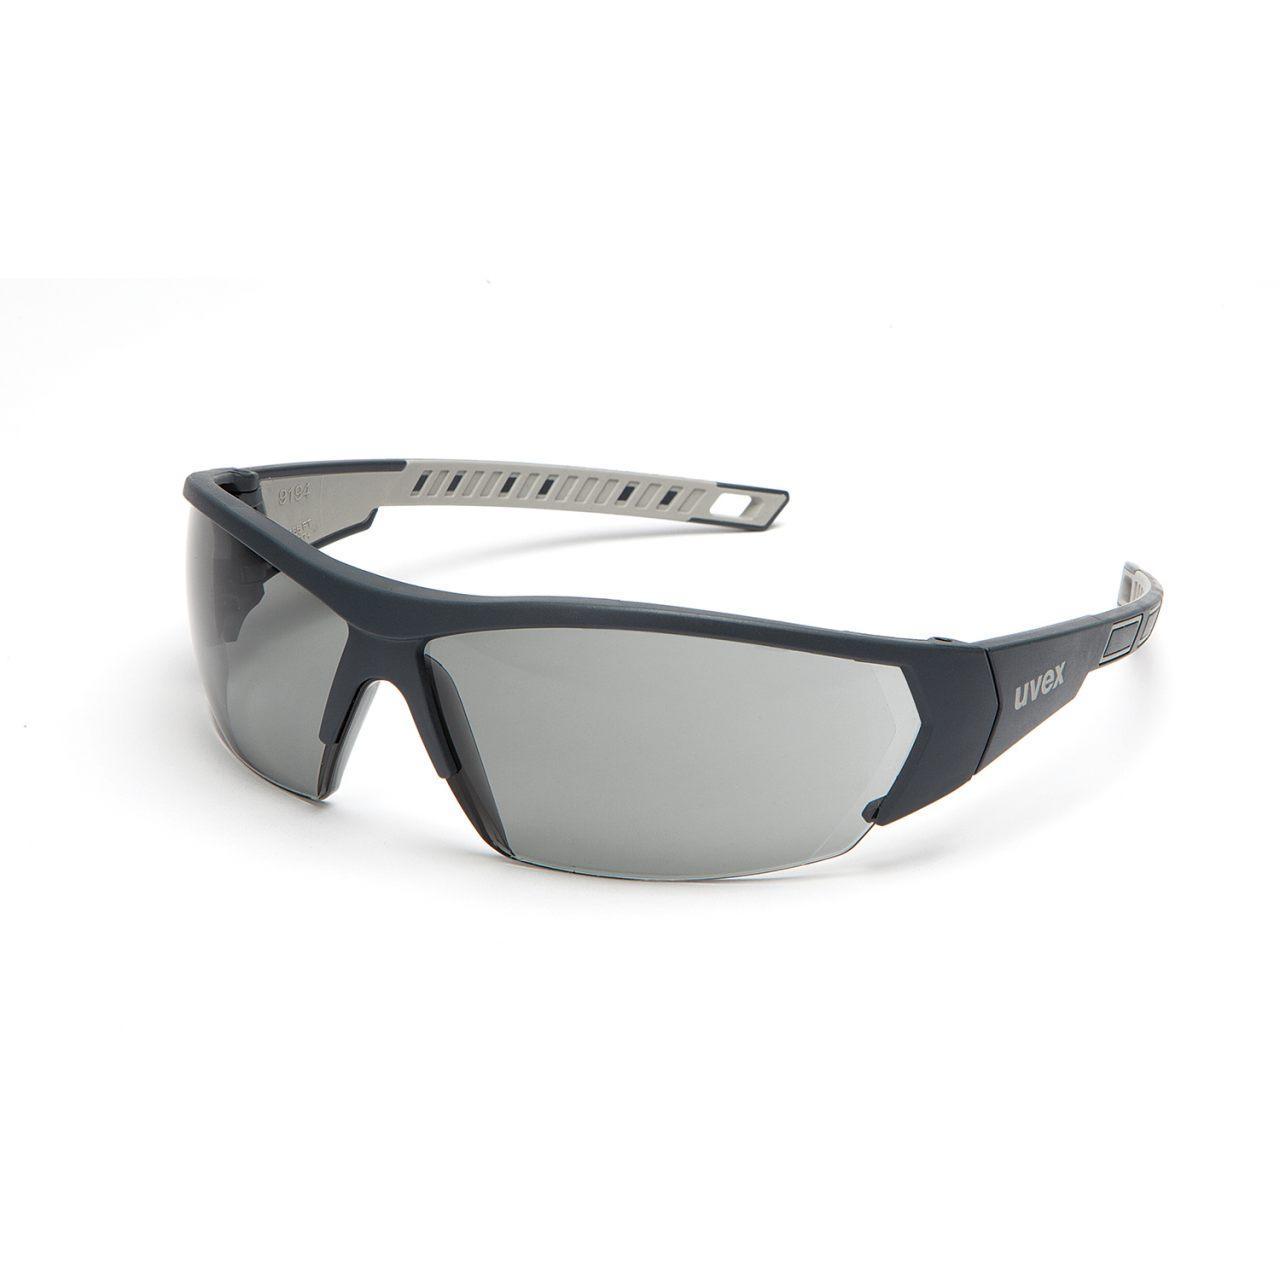 Uvex iWorks THS Anti-Fog Safety Glasses - Grey